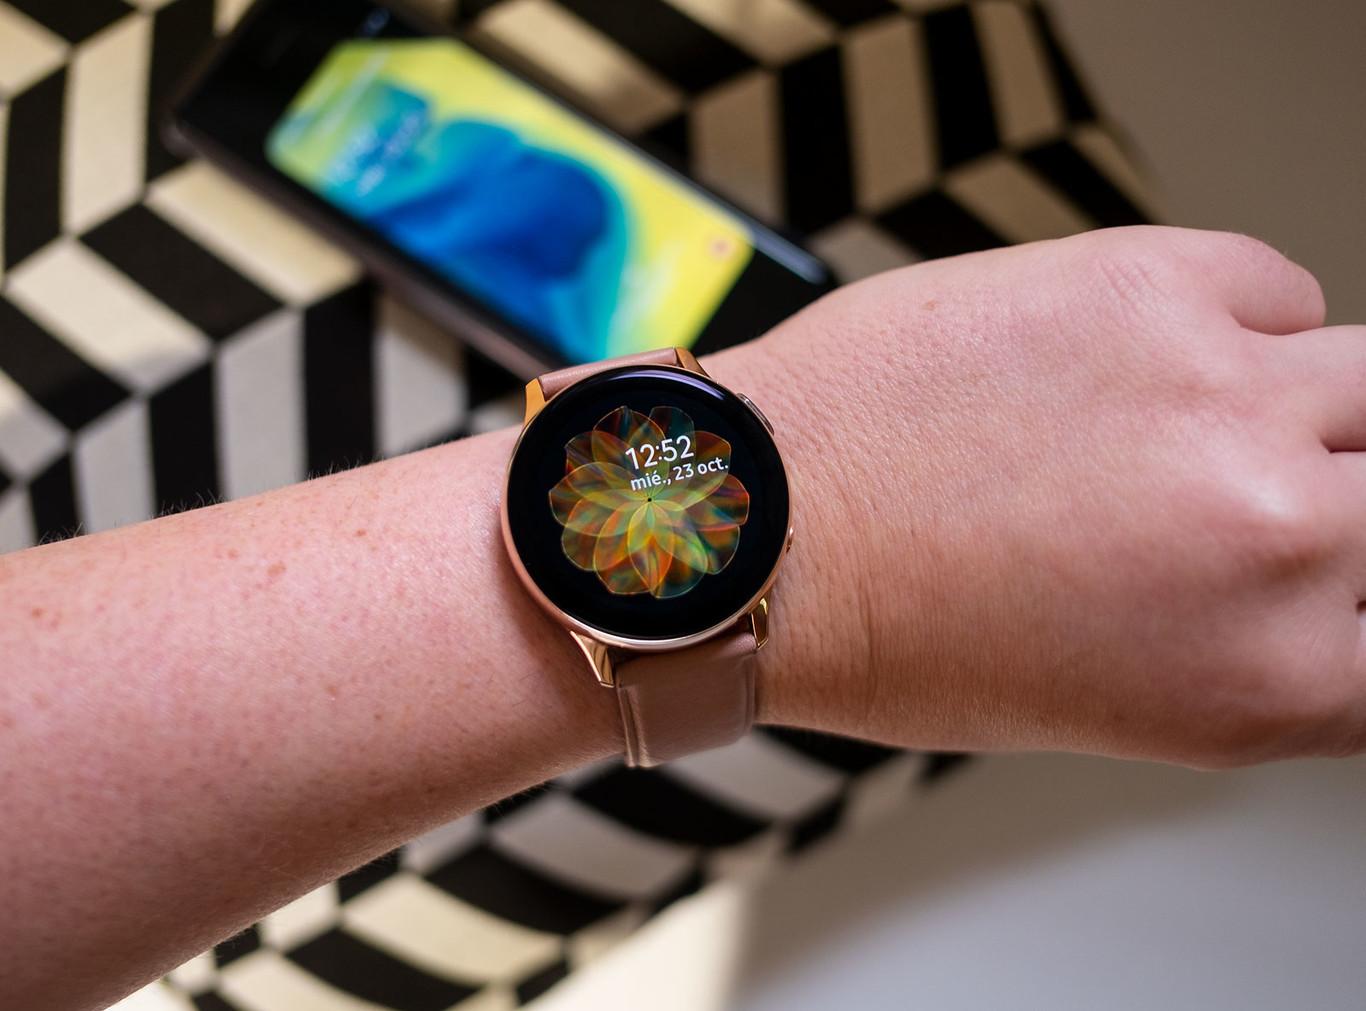 Samsung Galaxy Watch Active: Características y Precio